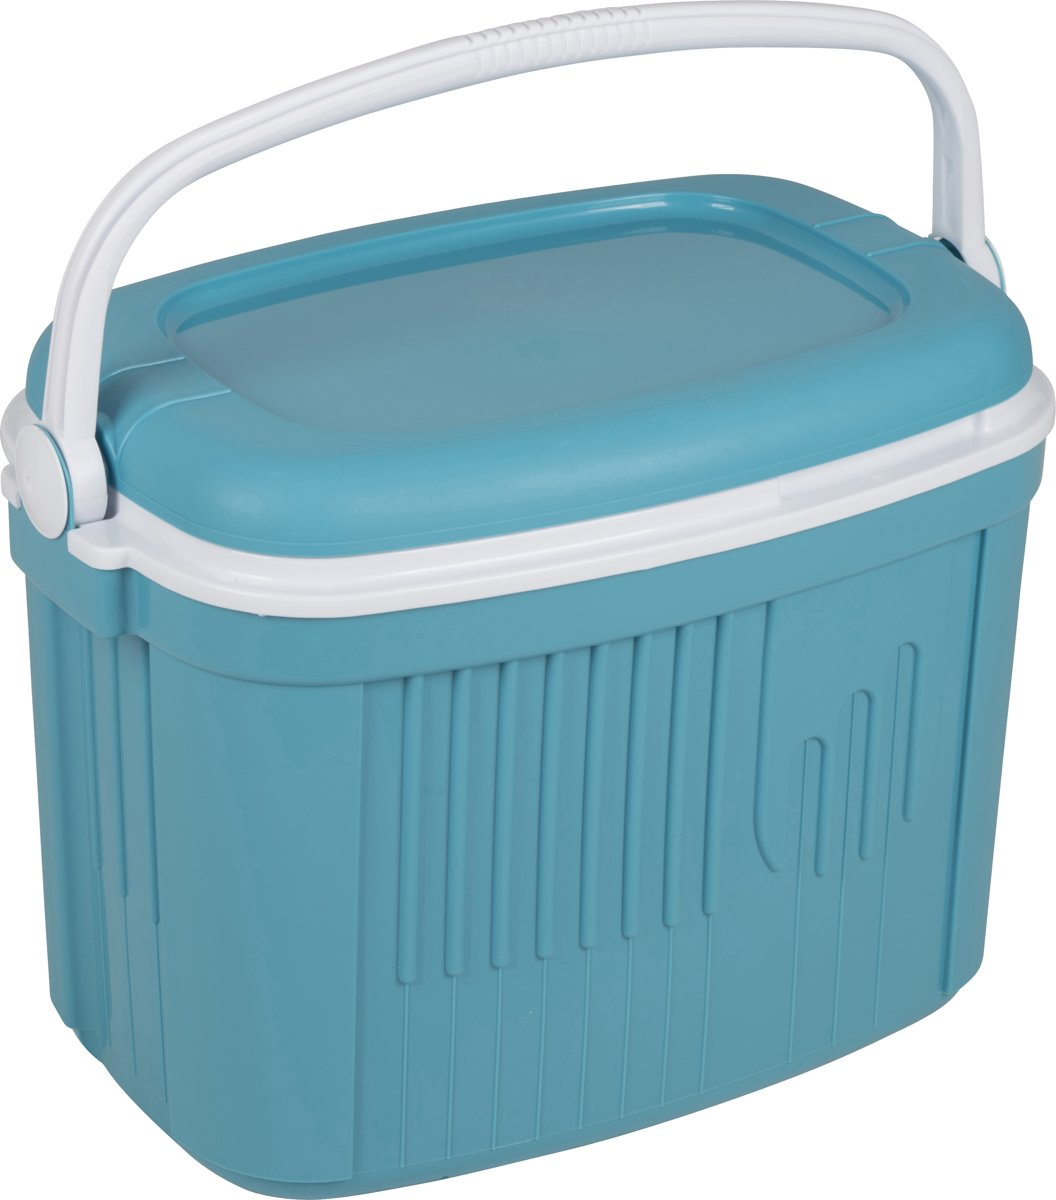 Eda Koelbox - Iceberg - 42 Liter - Blauw